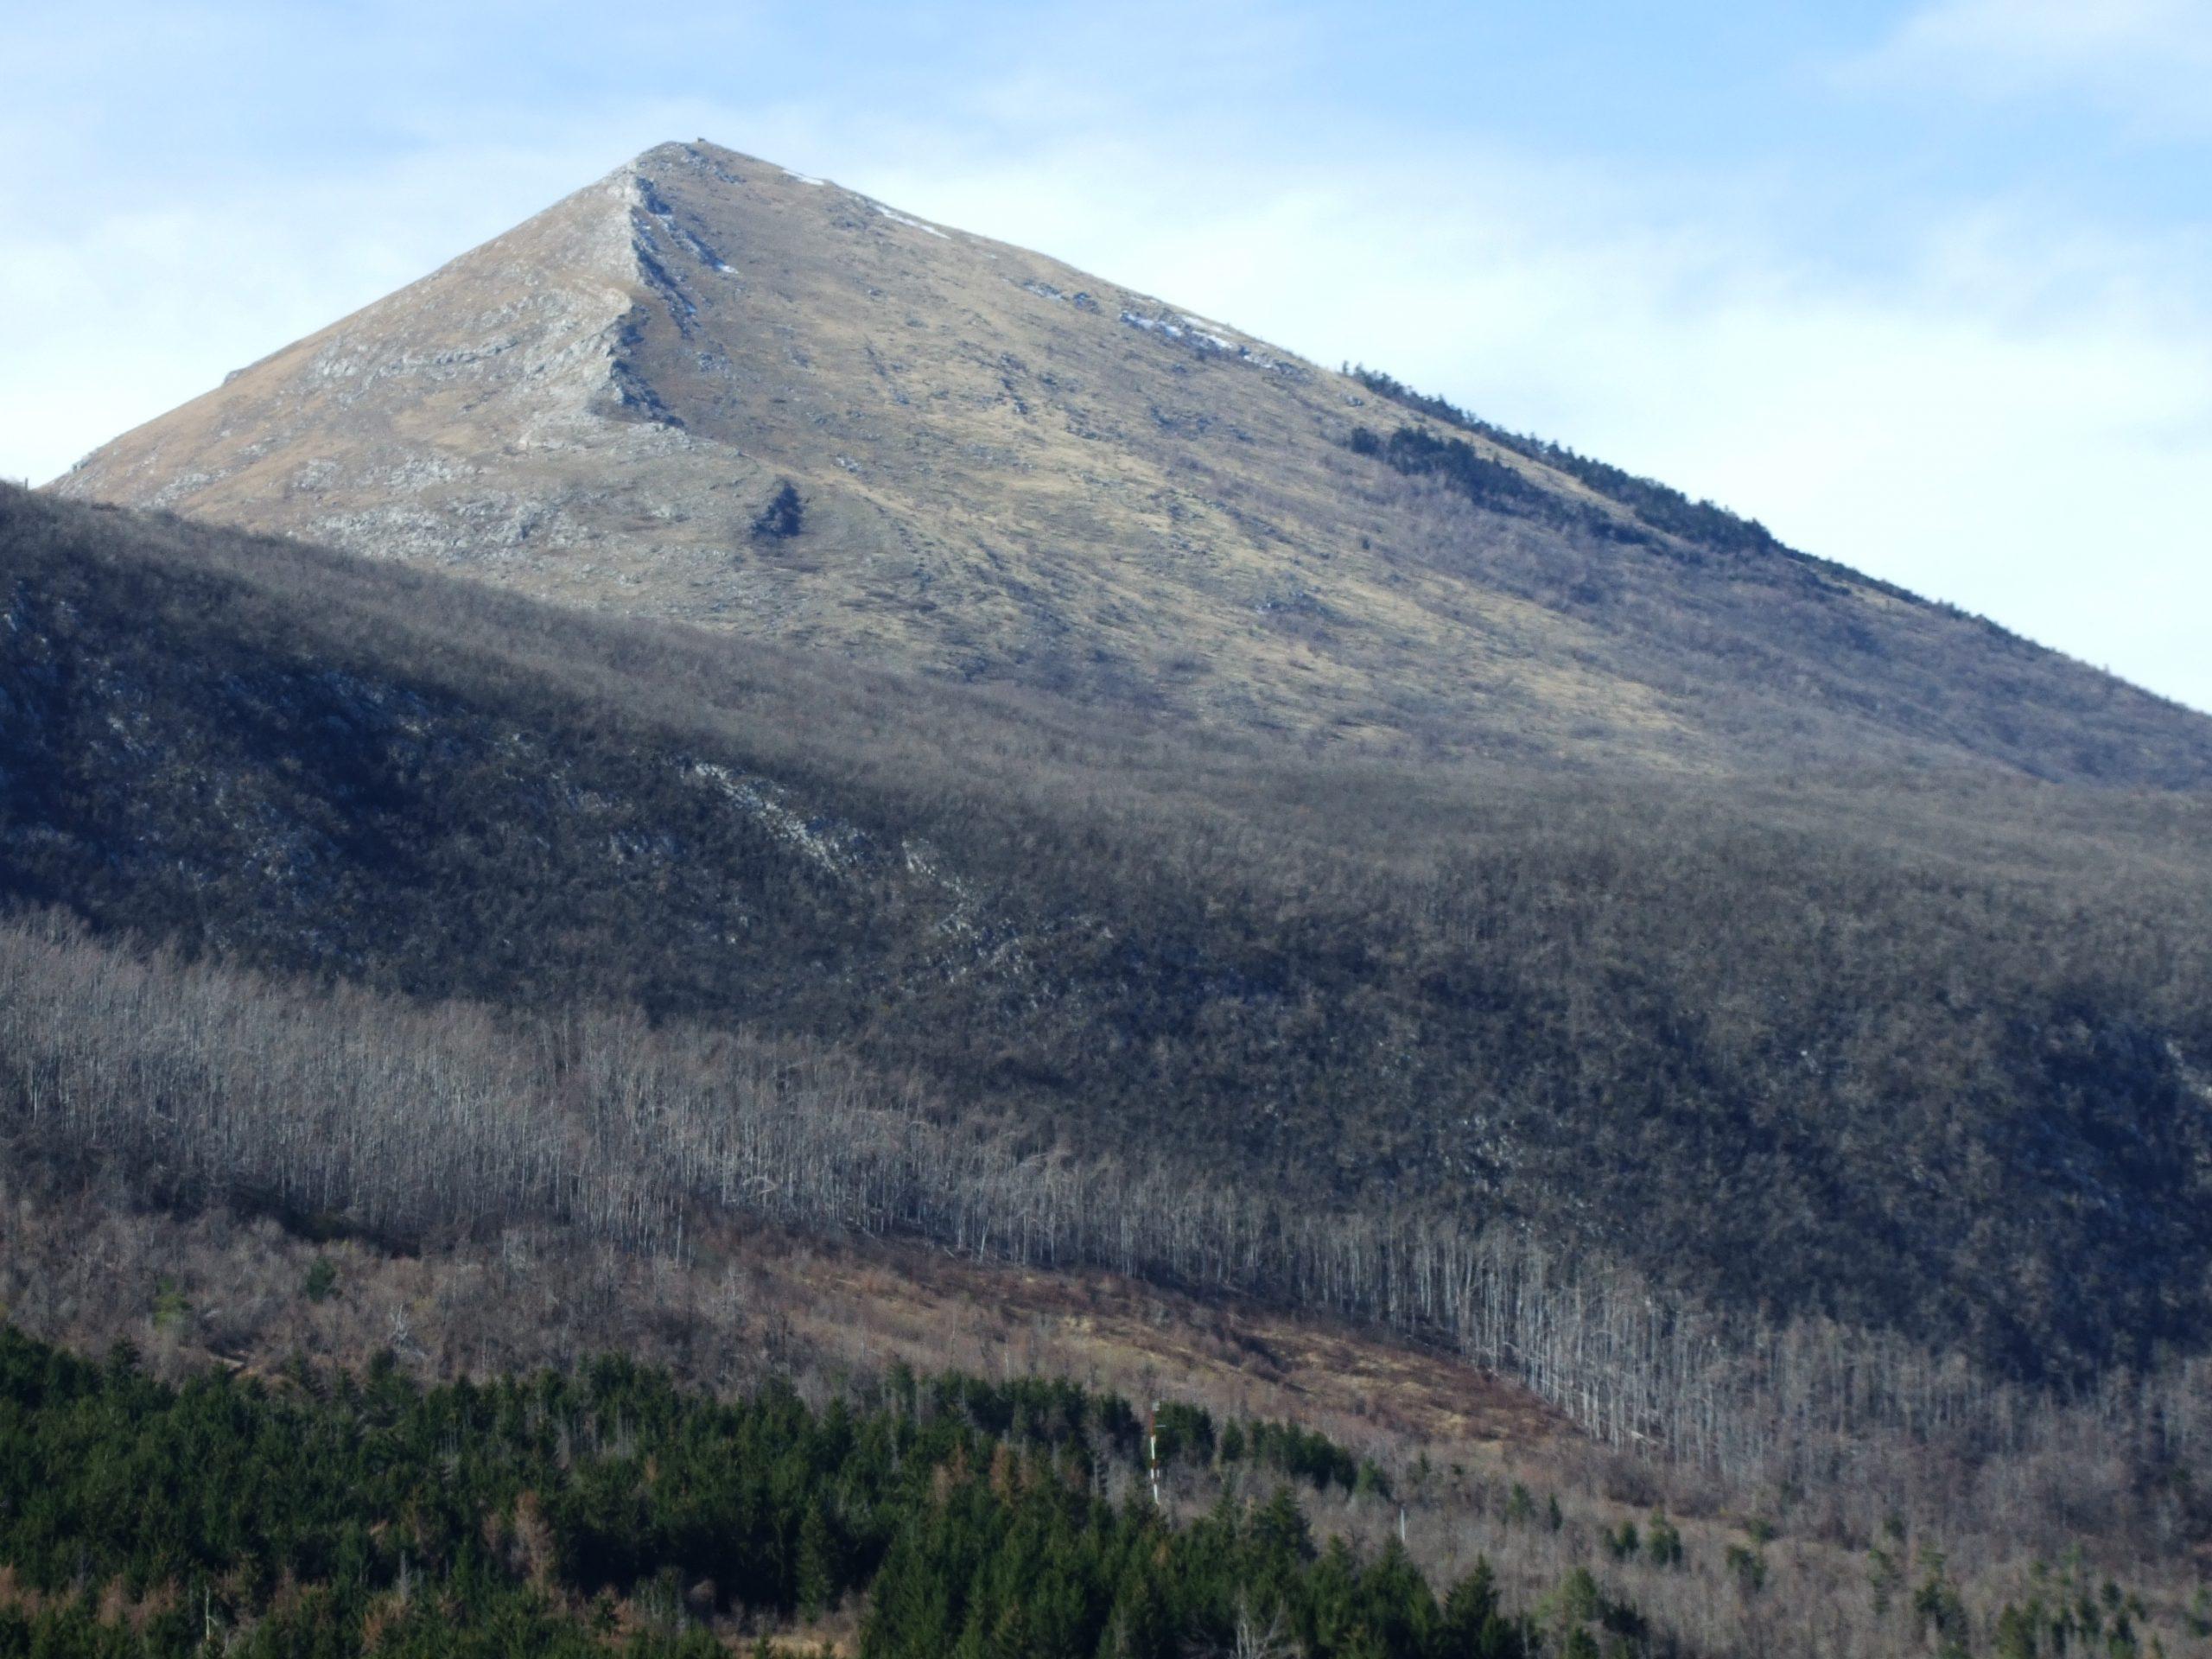 Go to На Ртњу почиње градња реплике чувеног торња: Теслине муње на планини Муња